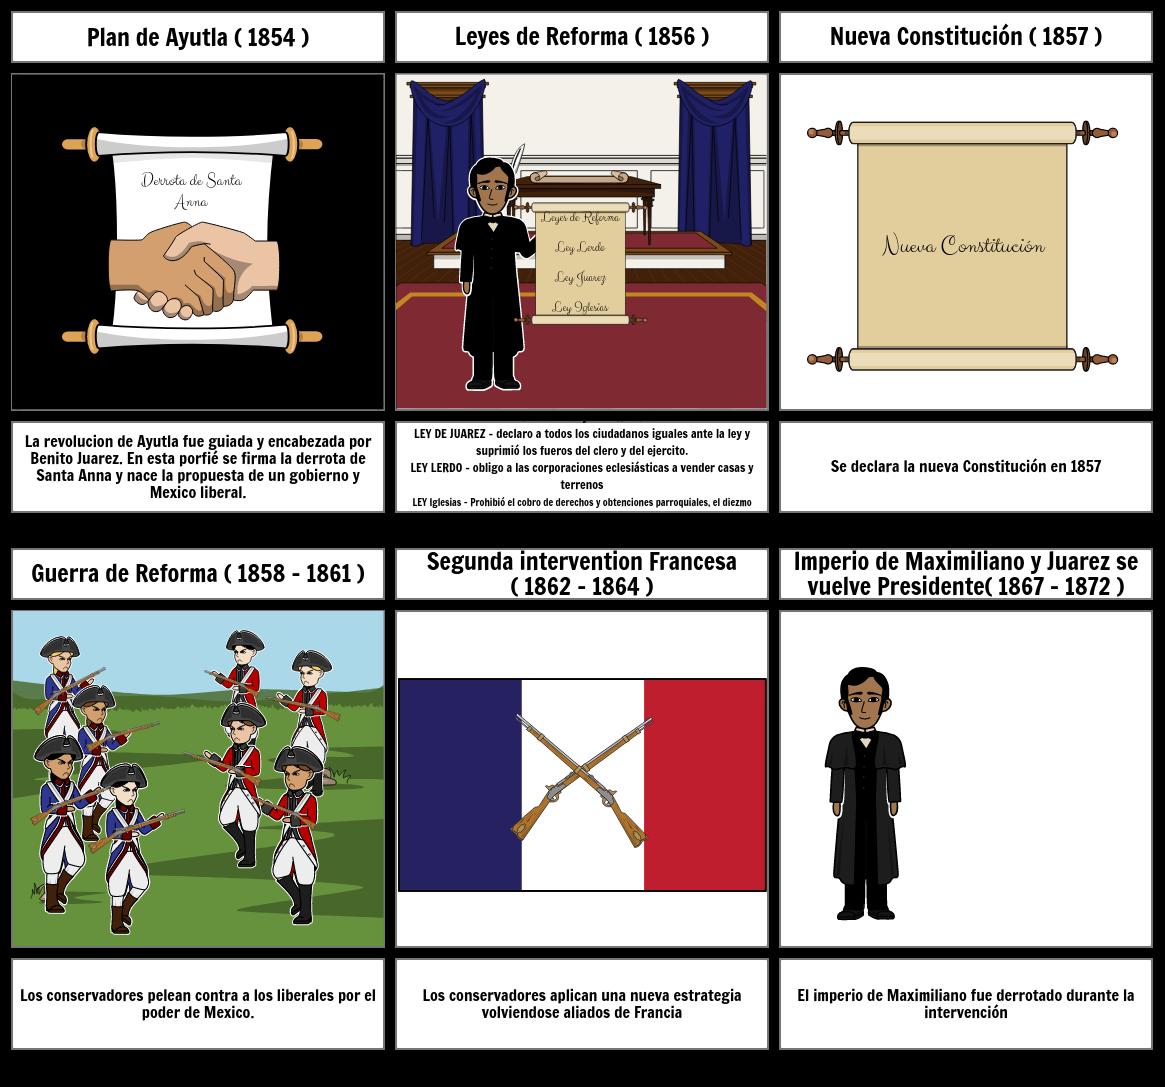 segunda etapa de formación del Estado Nación Mexicano